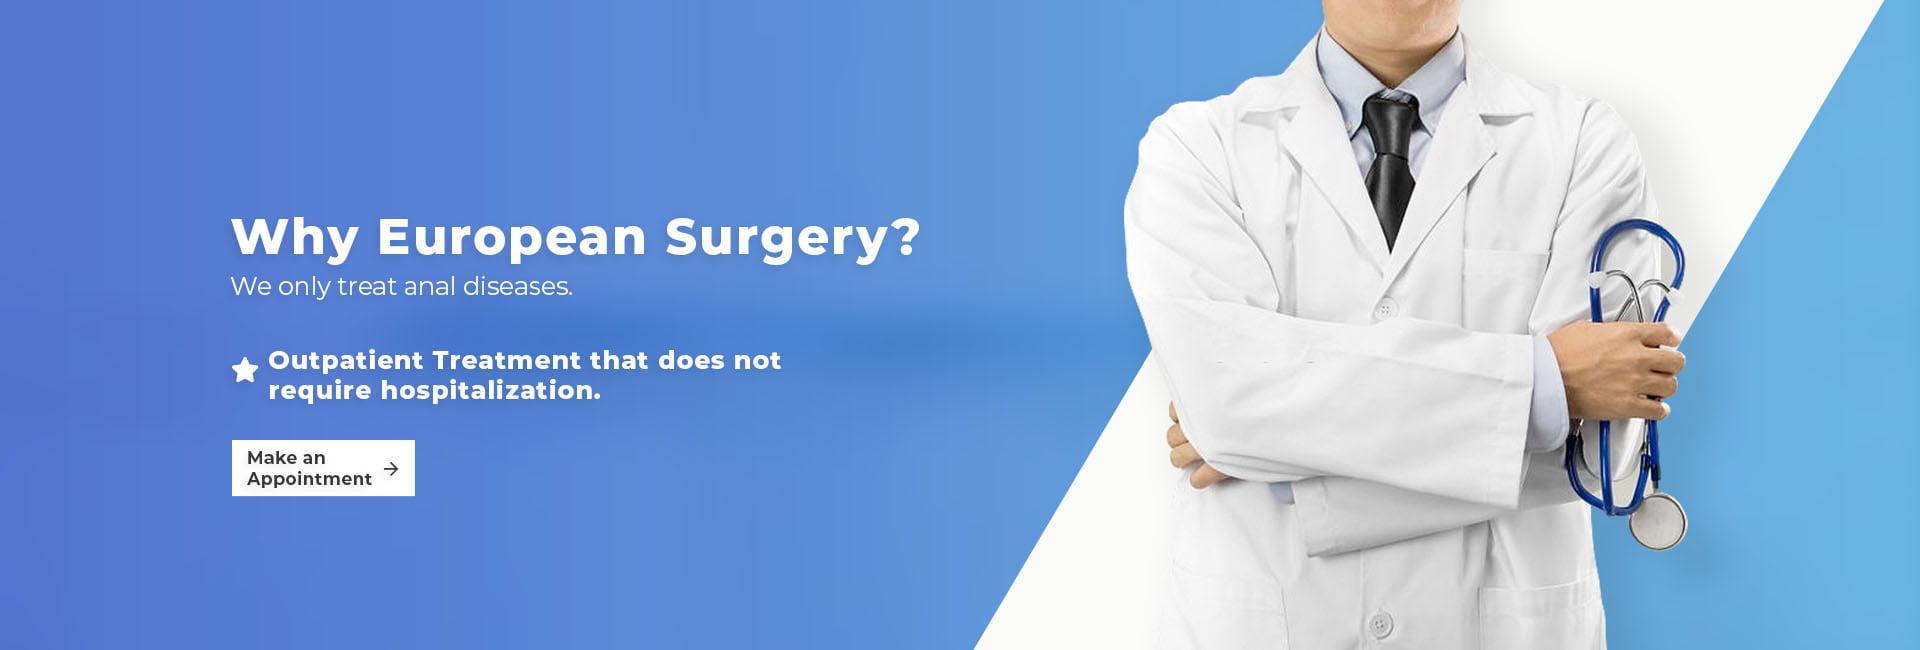 Why European Surgery?